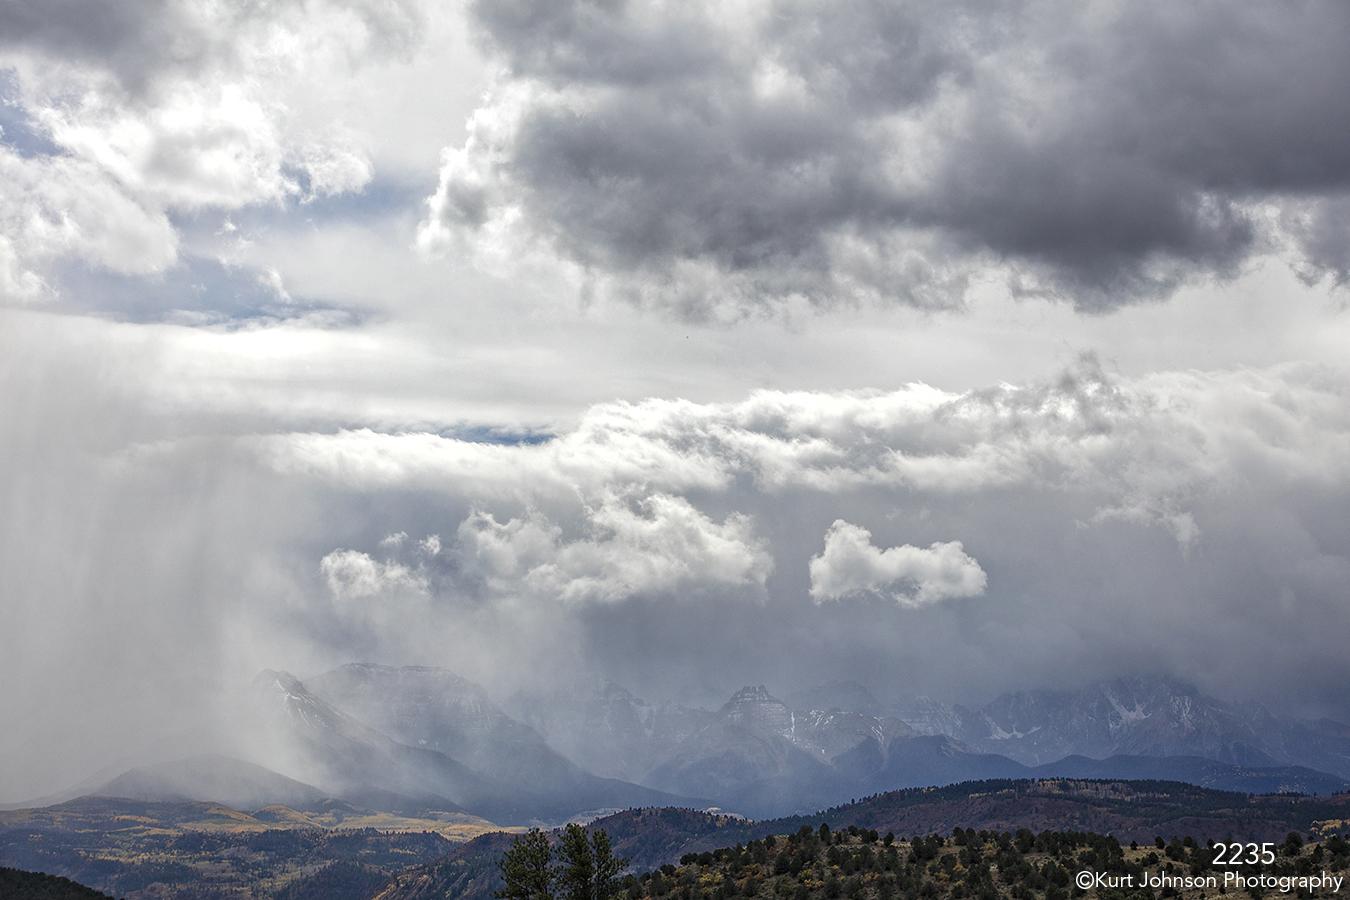 landscape clouds desert storm mountains